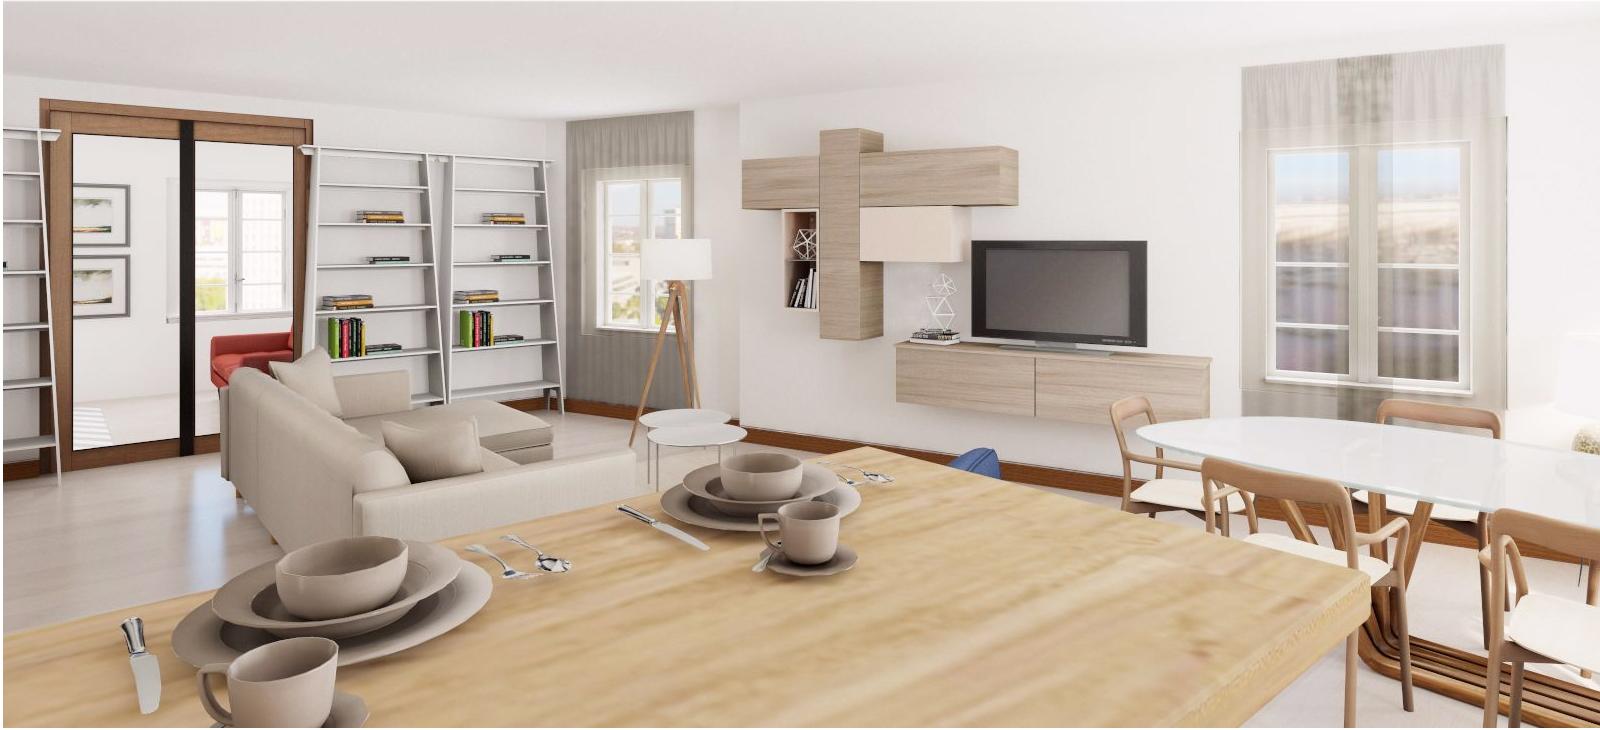 Voffca.com  Cucine Moderne A Parete